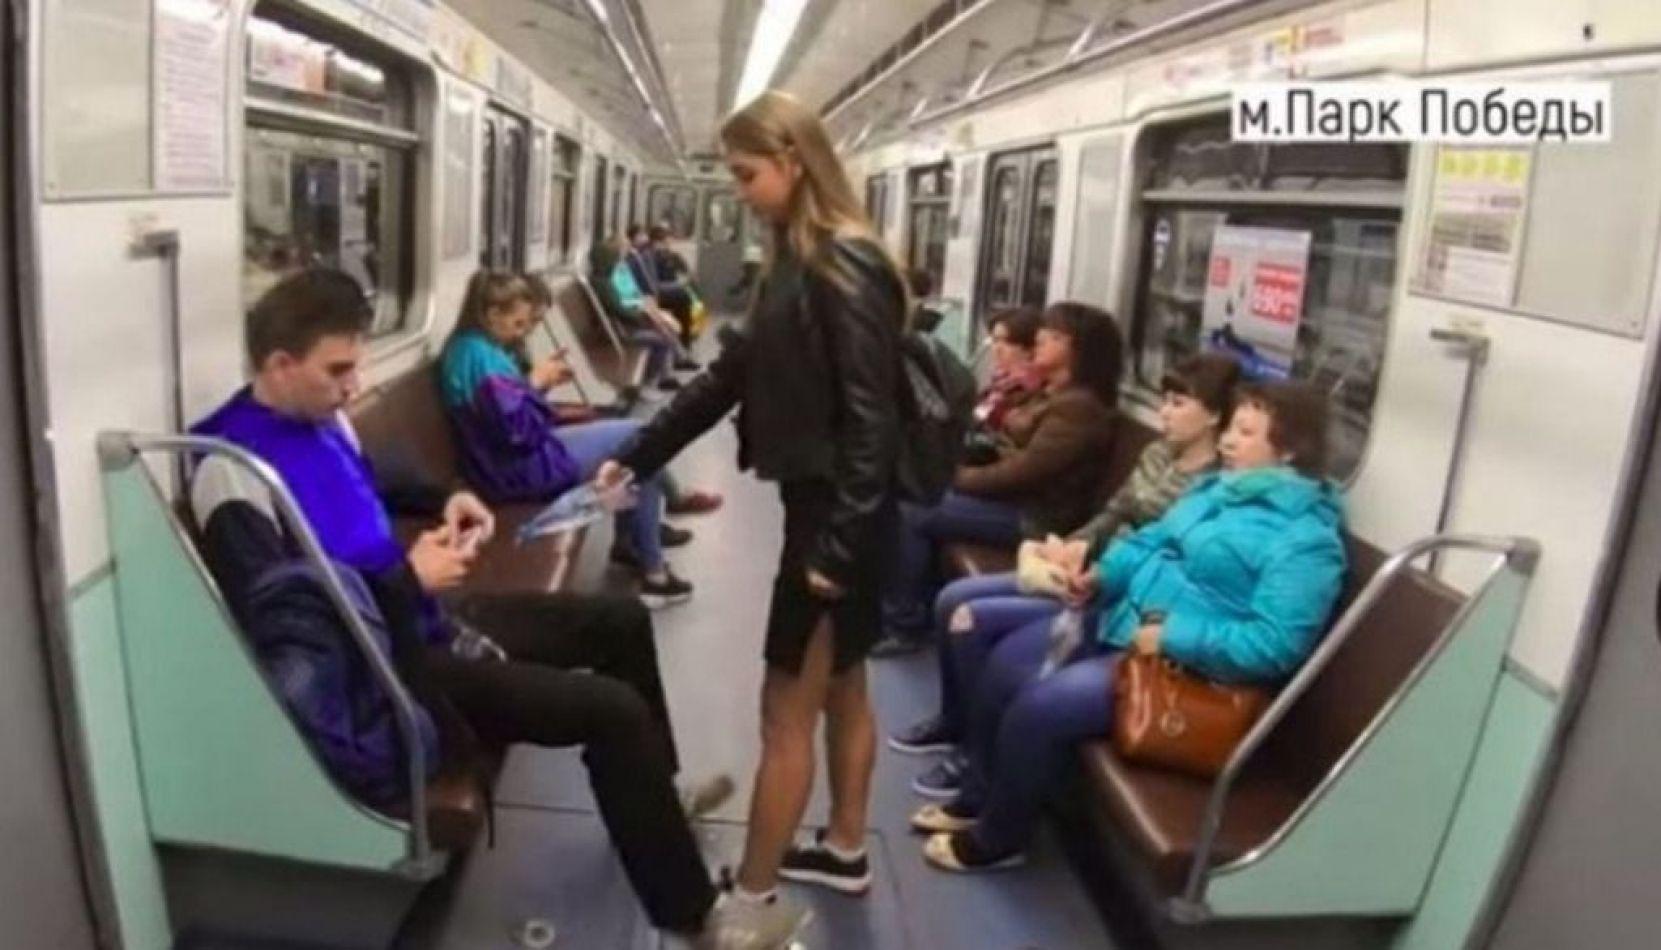 Mojan a los hombres que viajan con las piernas muy abiertas en un subte en Rusia